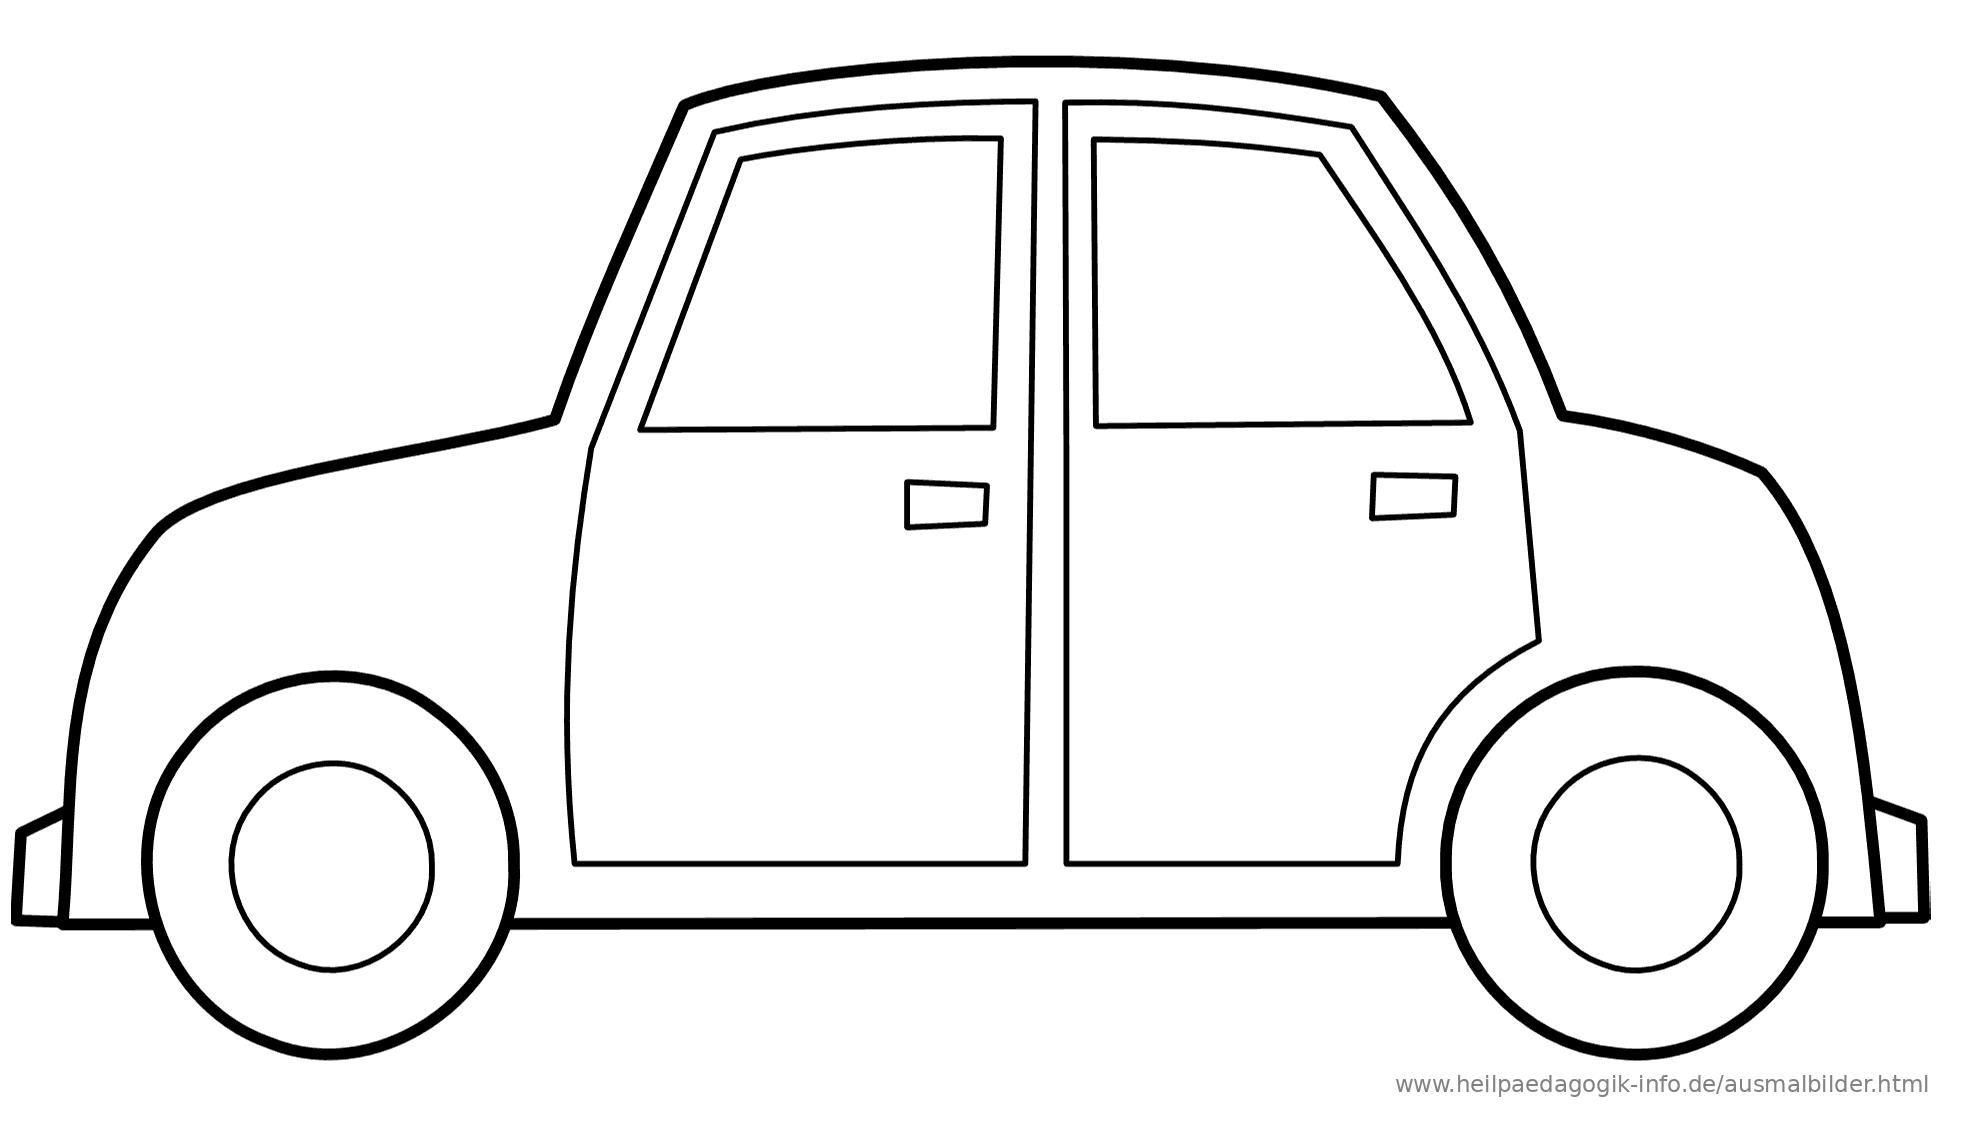 Einfache Malvorlagen Autos | My blog